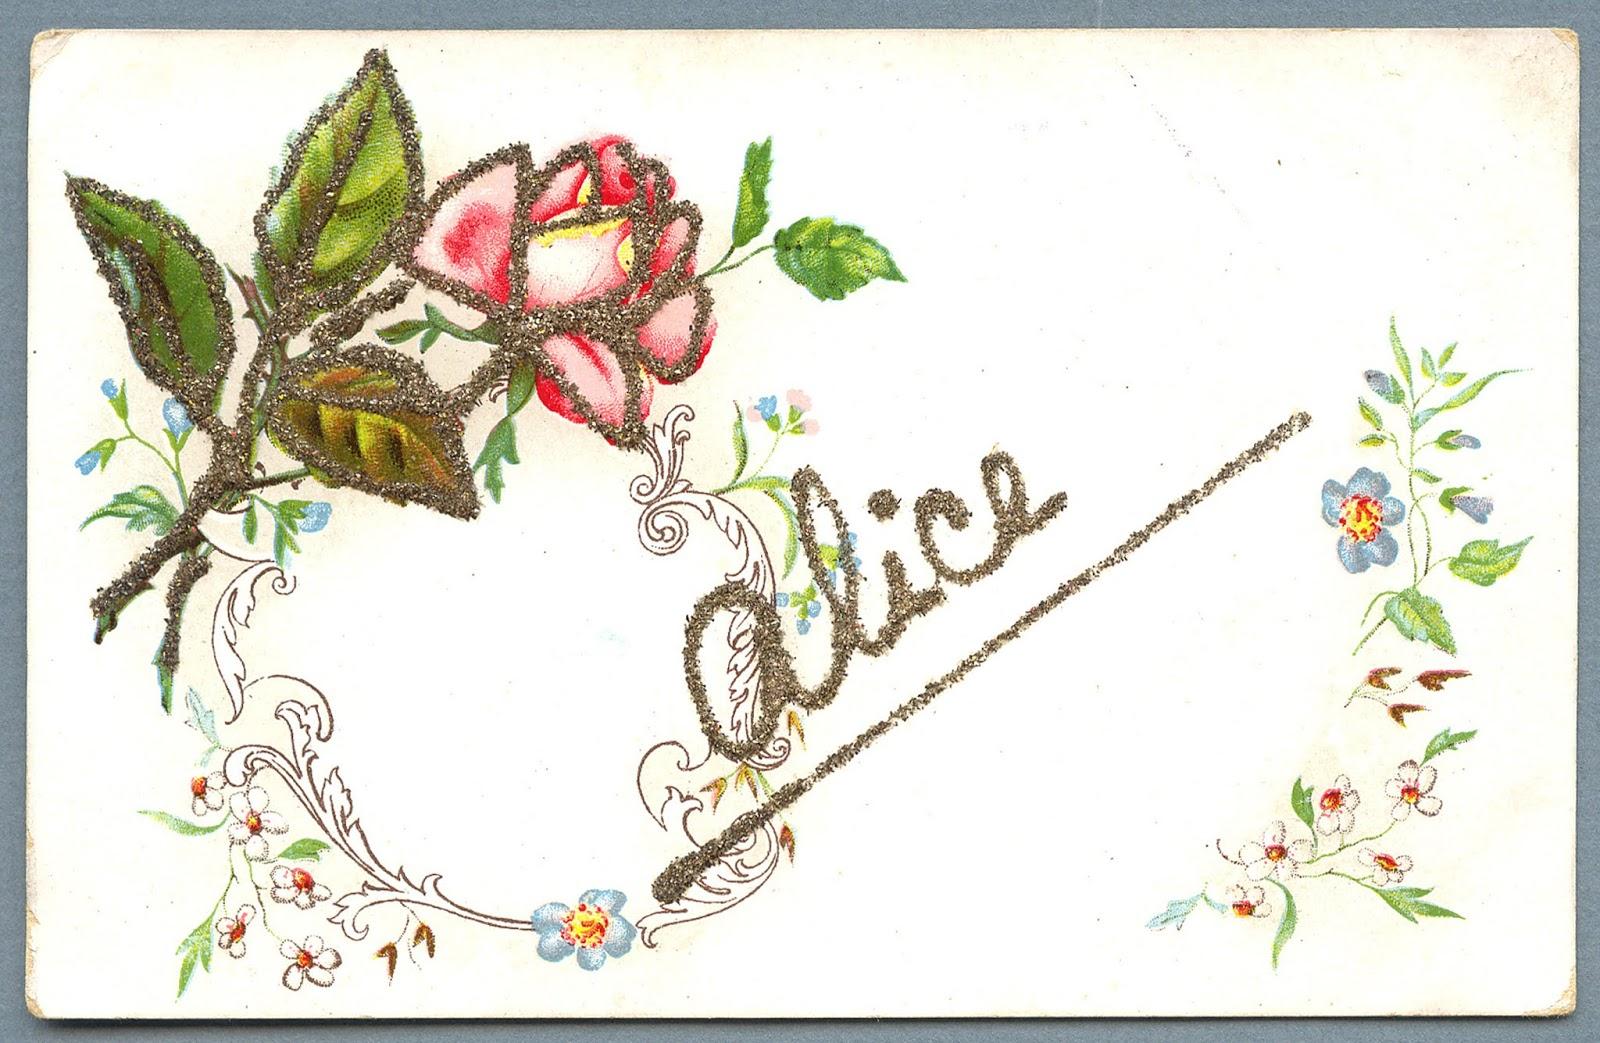 Côté éducation : Activités de création avec des cartes postales